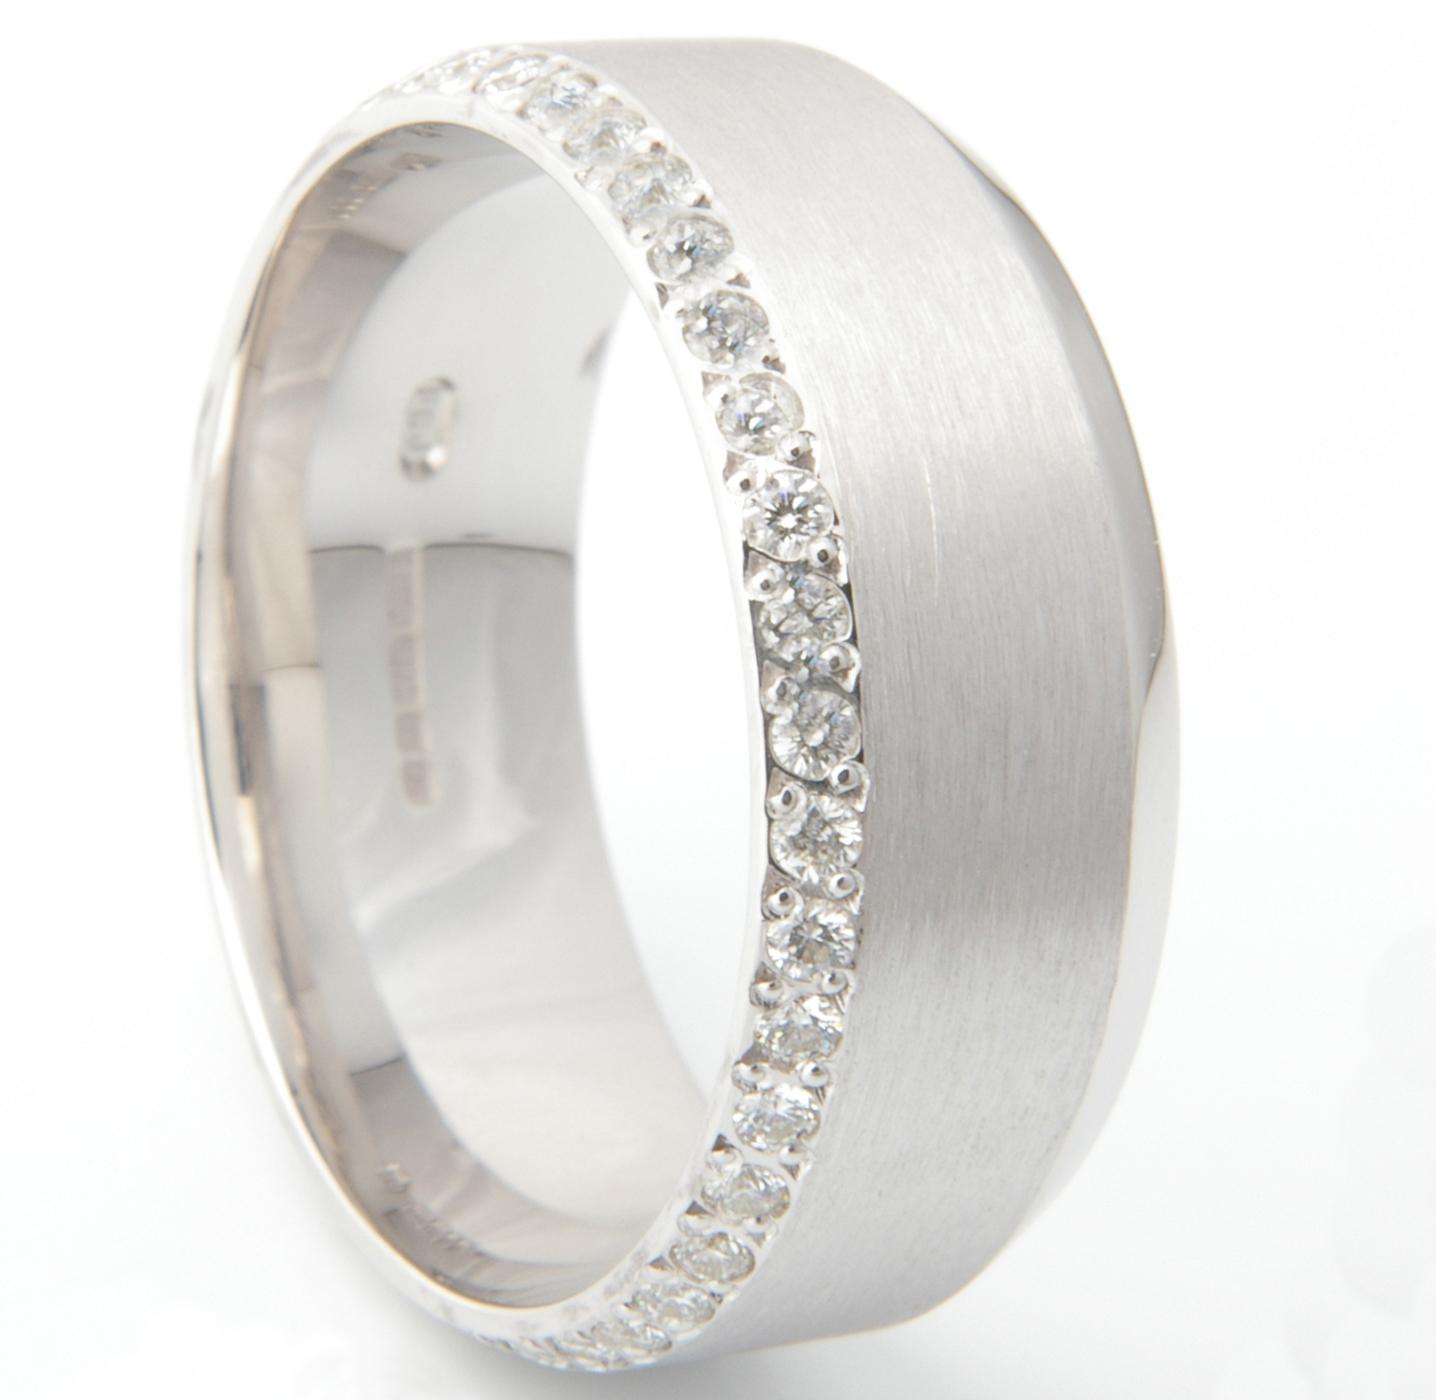 matching wedding rings harley davidson wedding rings Jon Keith Diamonds Matching Wedding Rings